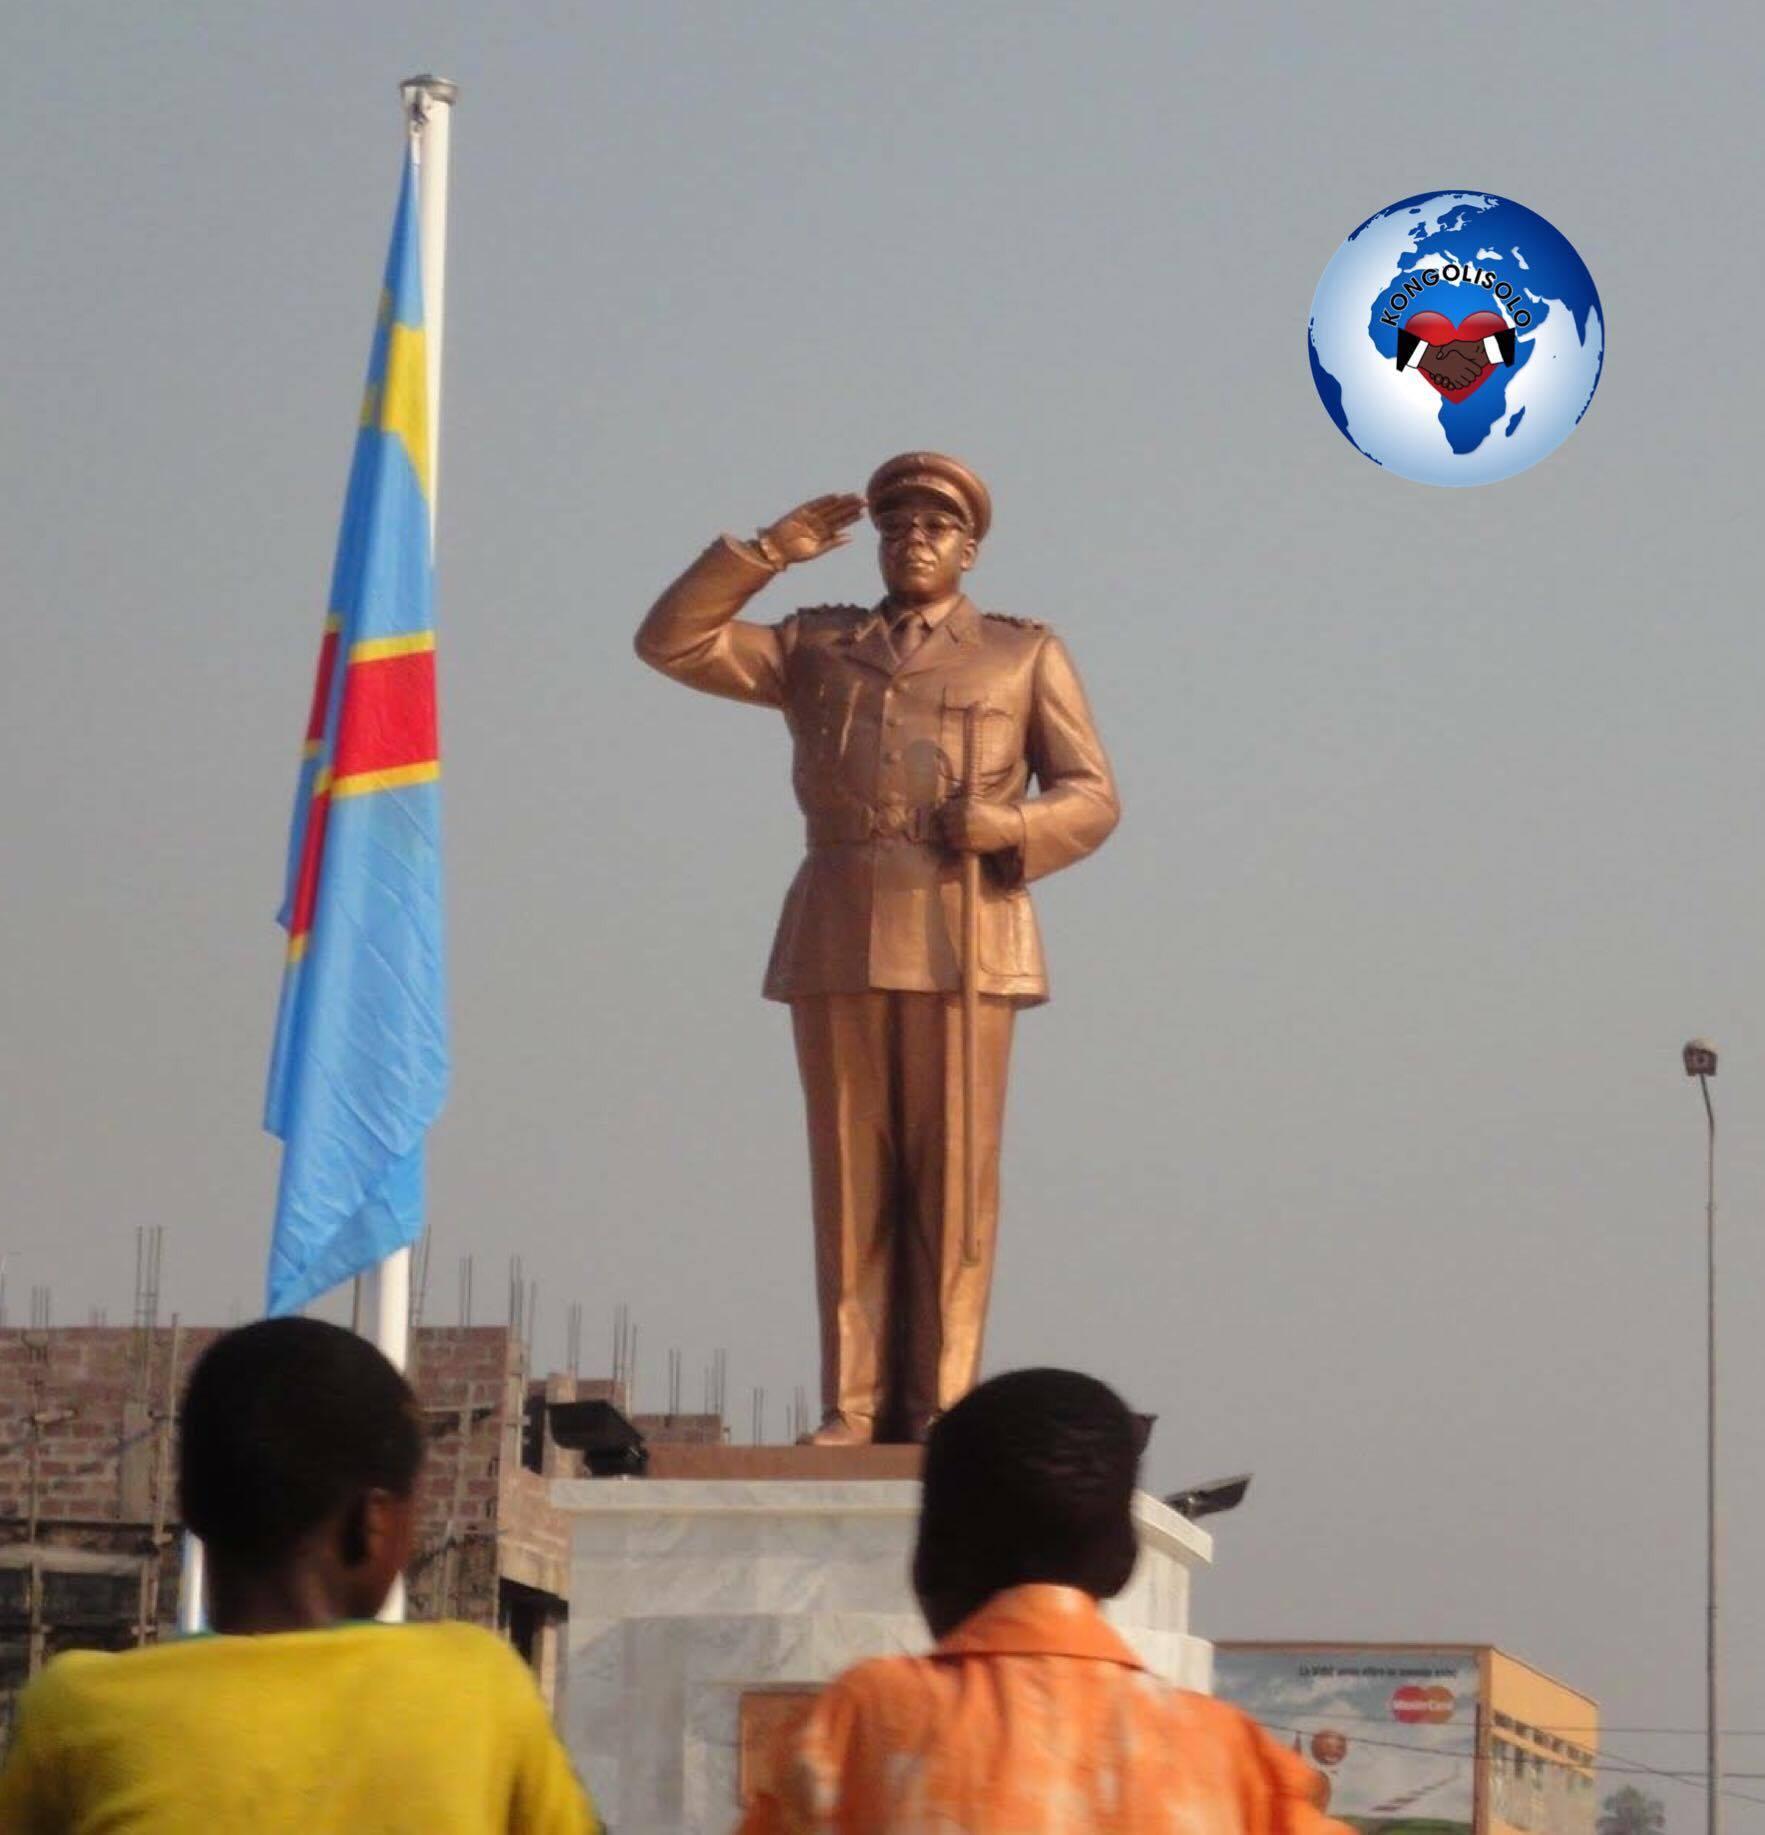 Waajibaadka xusuusta: Nita Evele ayaa mahadnaqa iyo u hambalyeeyay dhammaan bulshada Congolese 5 / 12 / 2011